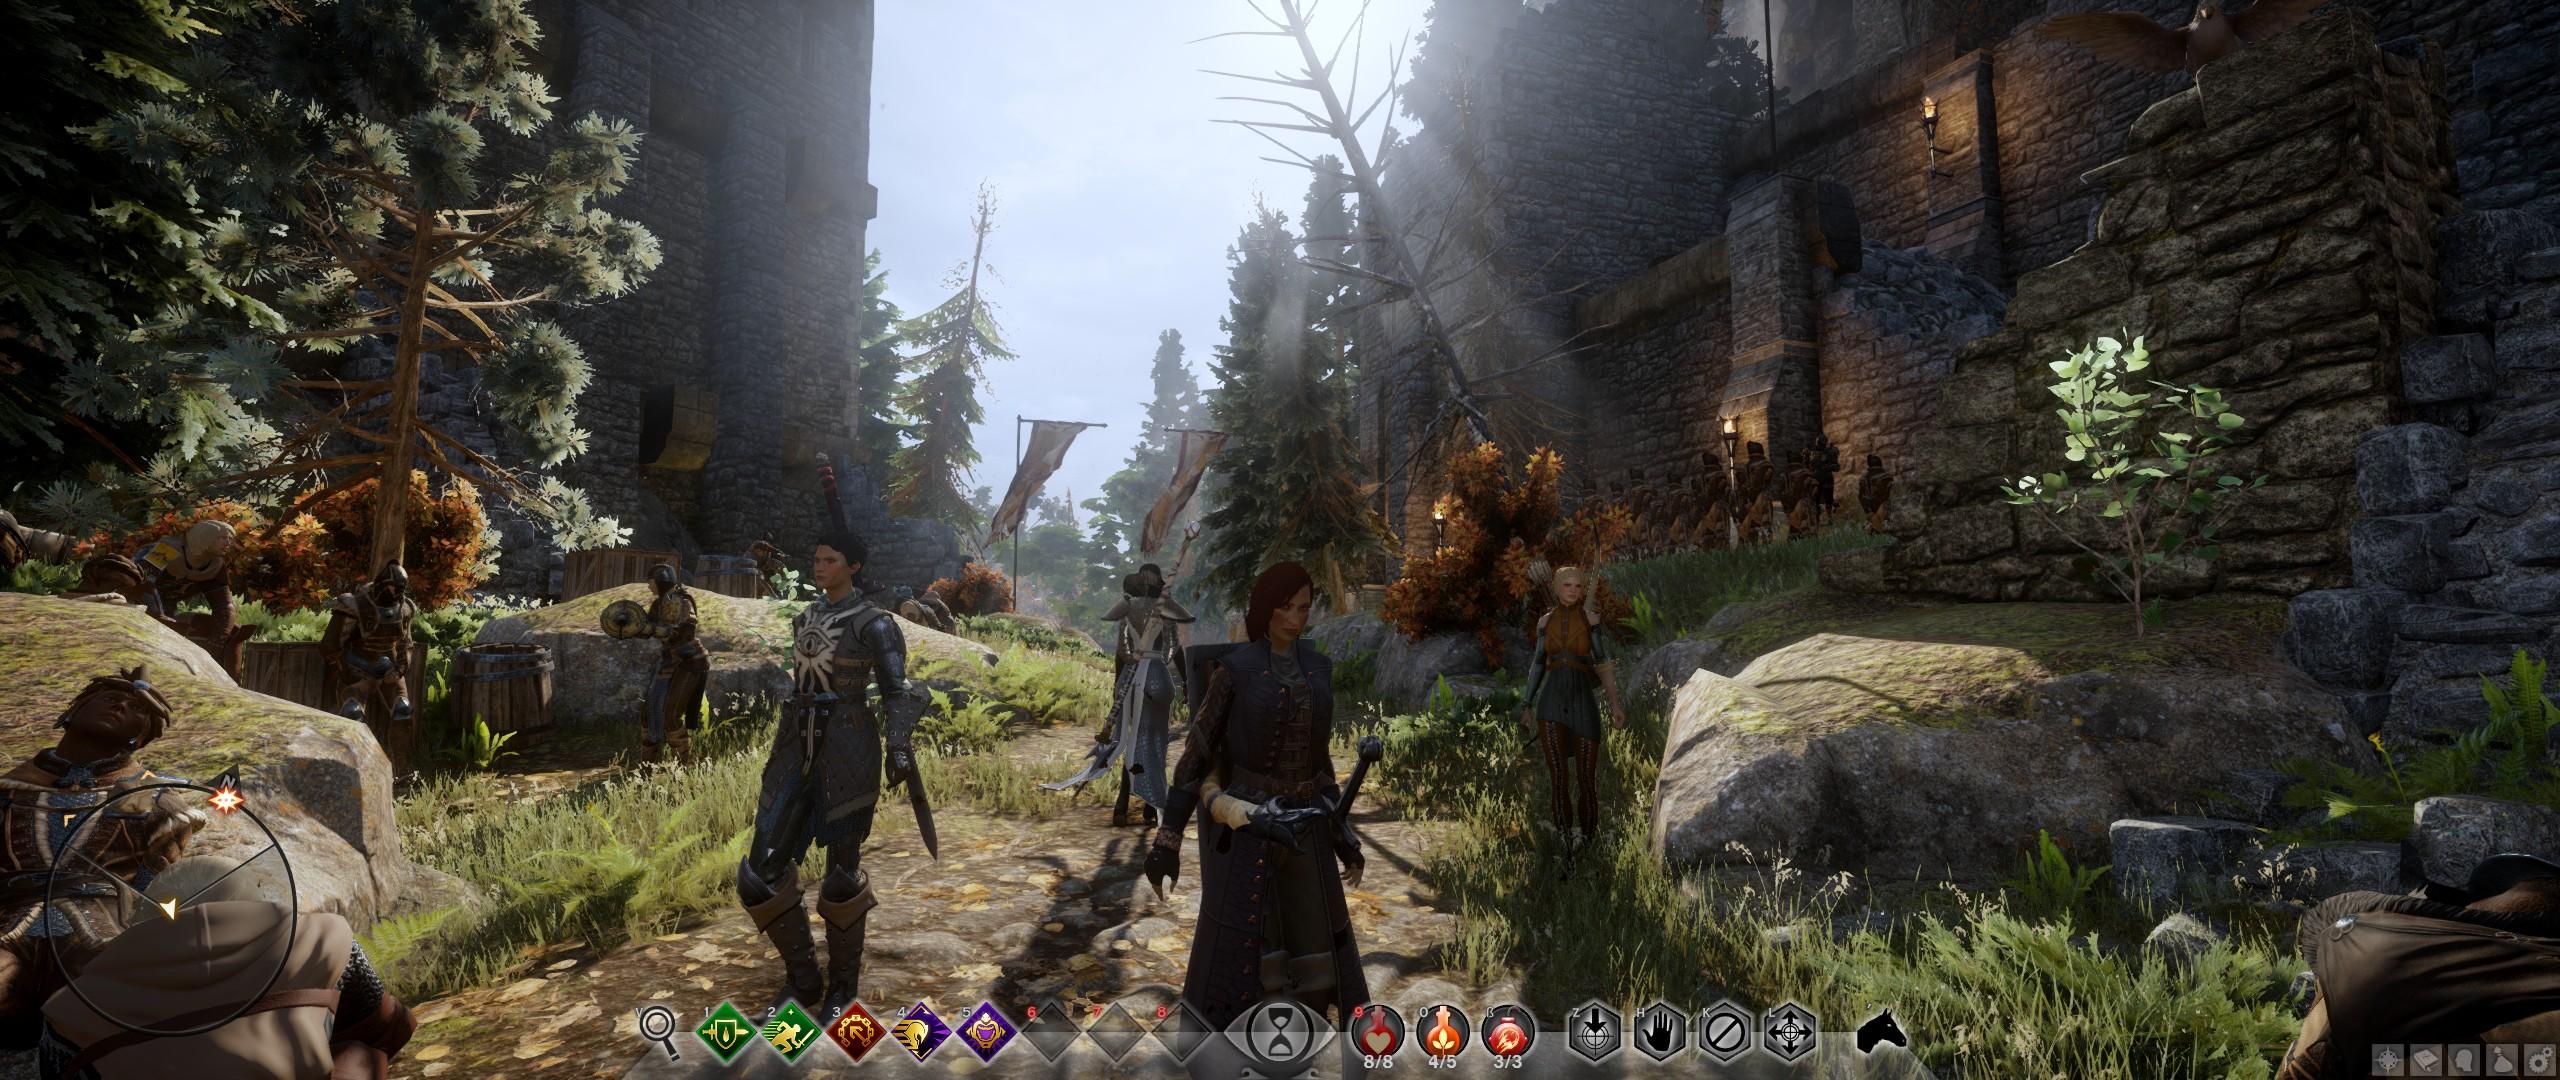 ScreenshotWin32_0011_Final